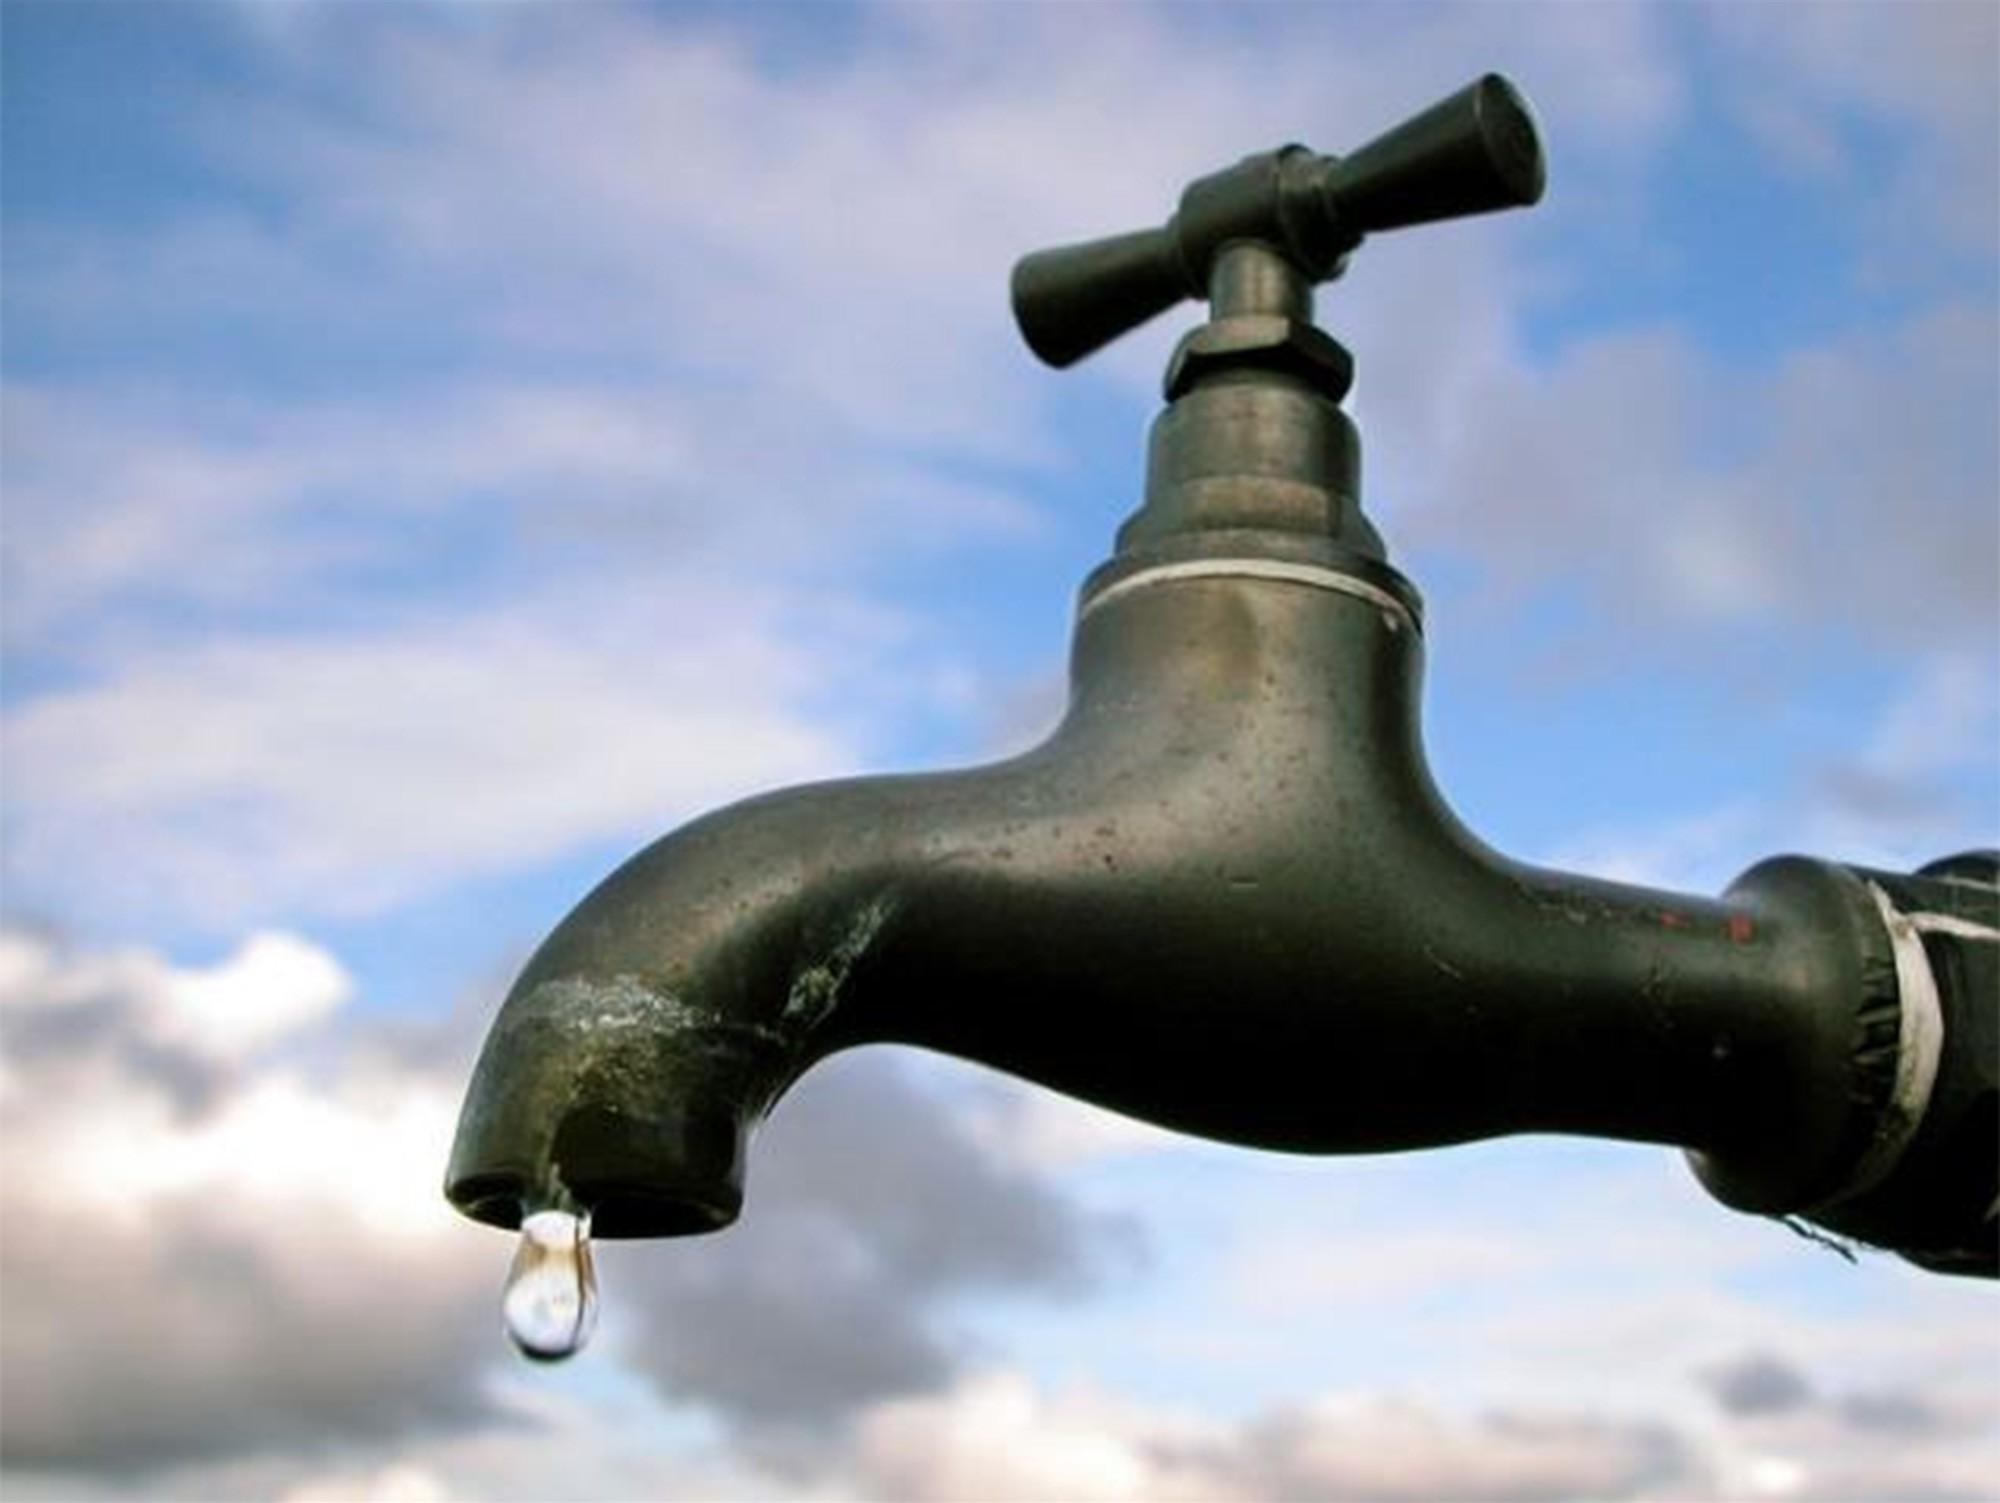 """Cảnh báo: Tiết kiệm nước ngay đi nếu bạn không muốn """"than trời"""" như các quốc gia này! - Ảnh 1."""